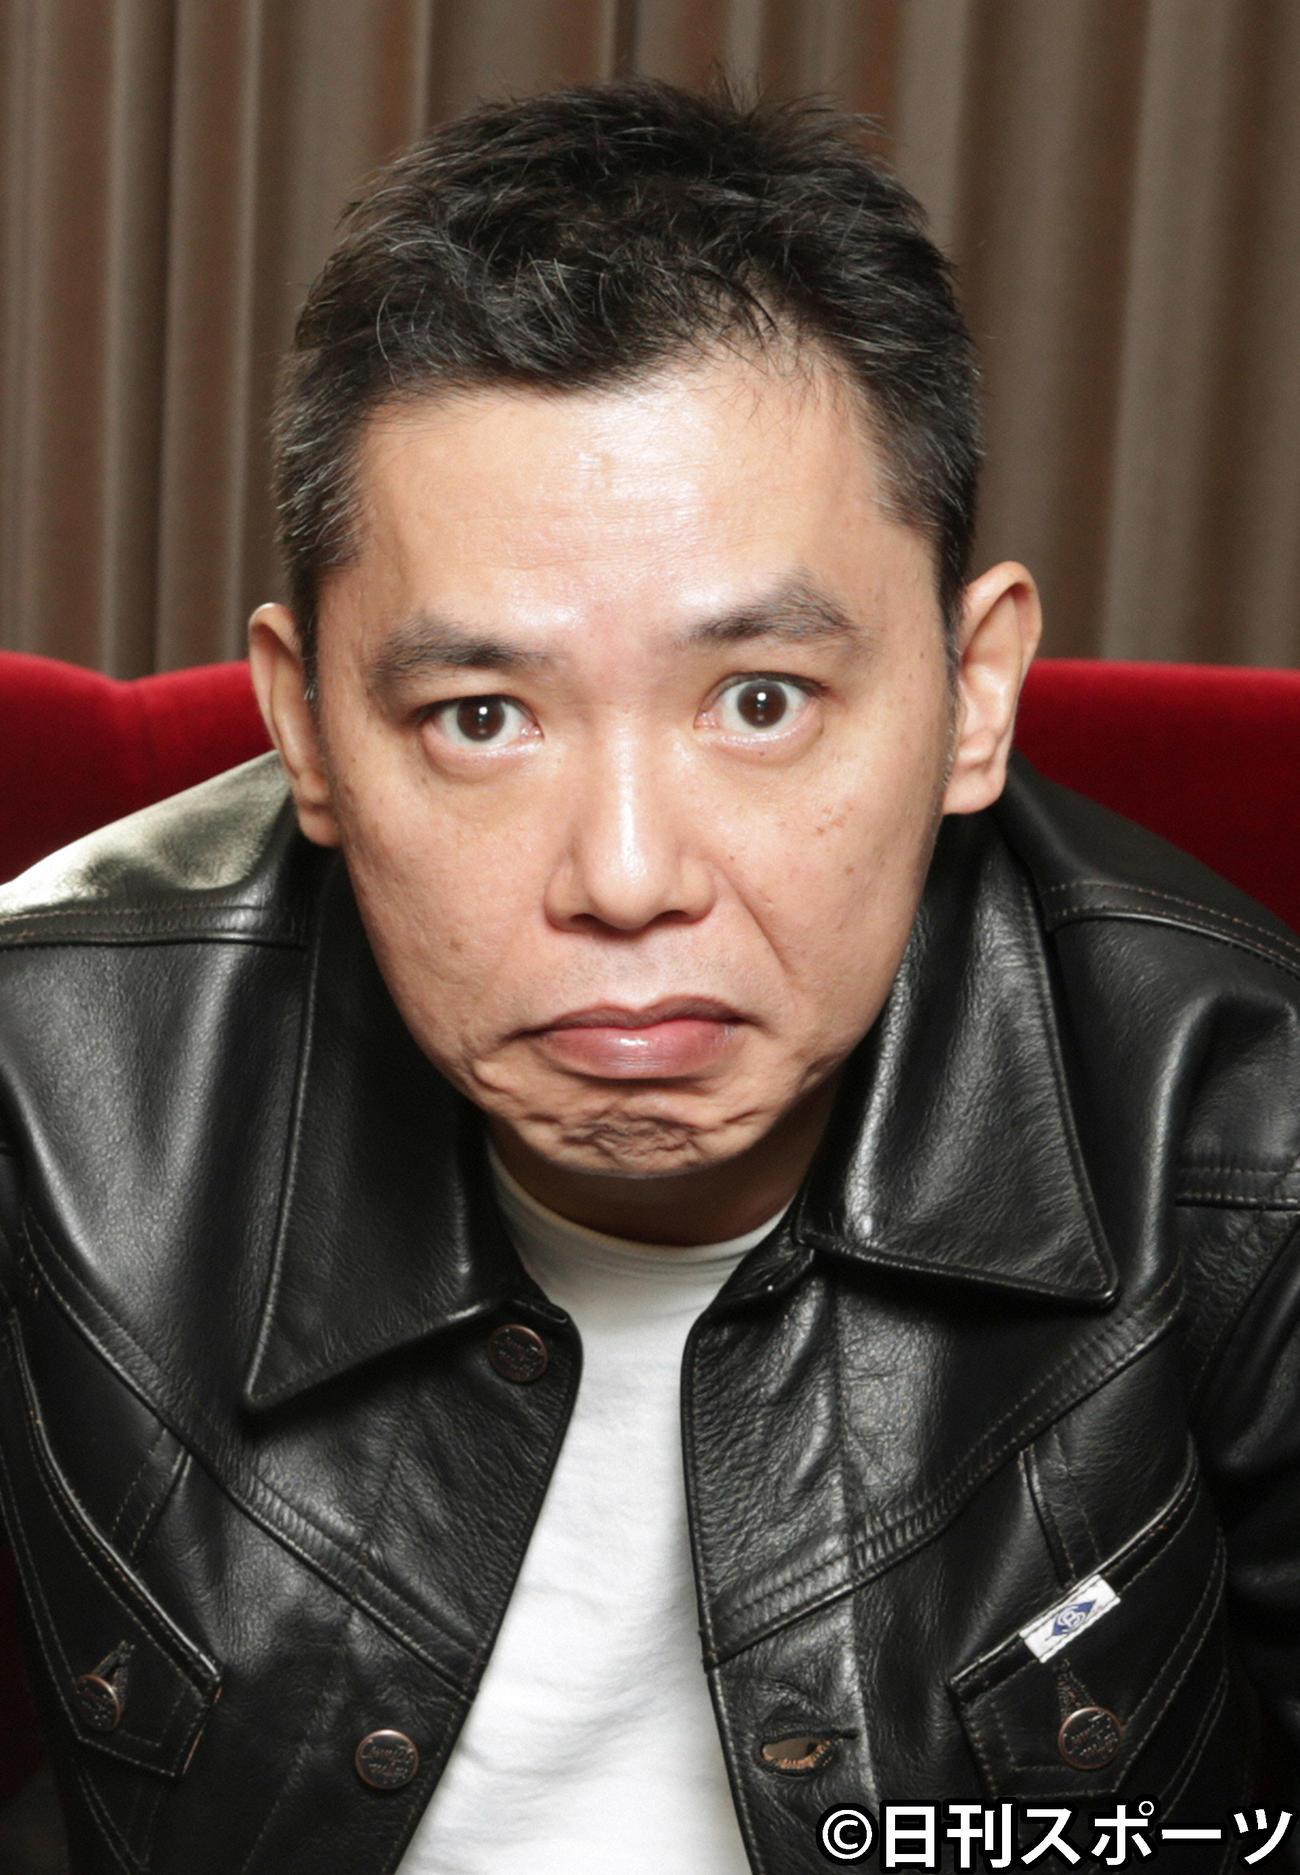 爆笑問題の太田光、N国・立花孝志氏の言動を厳しく批判「あいつのやってること、ヤクザ」